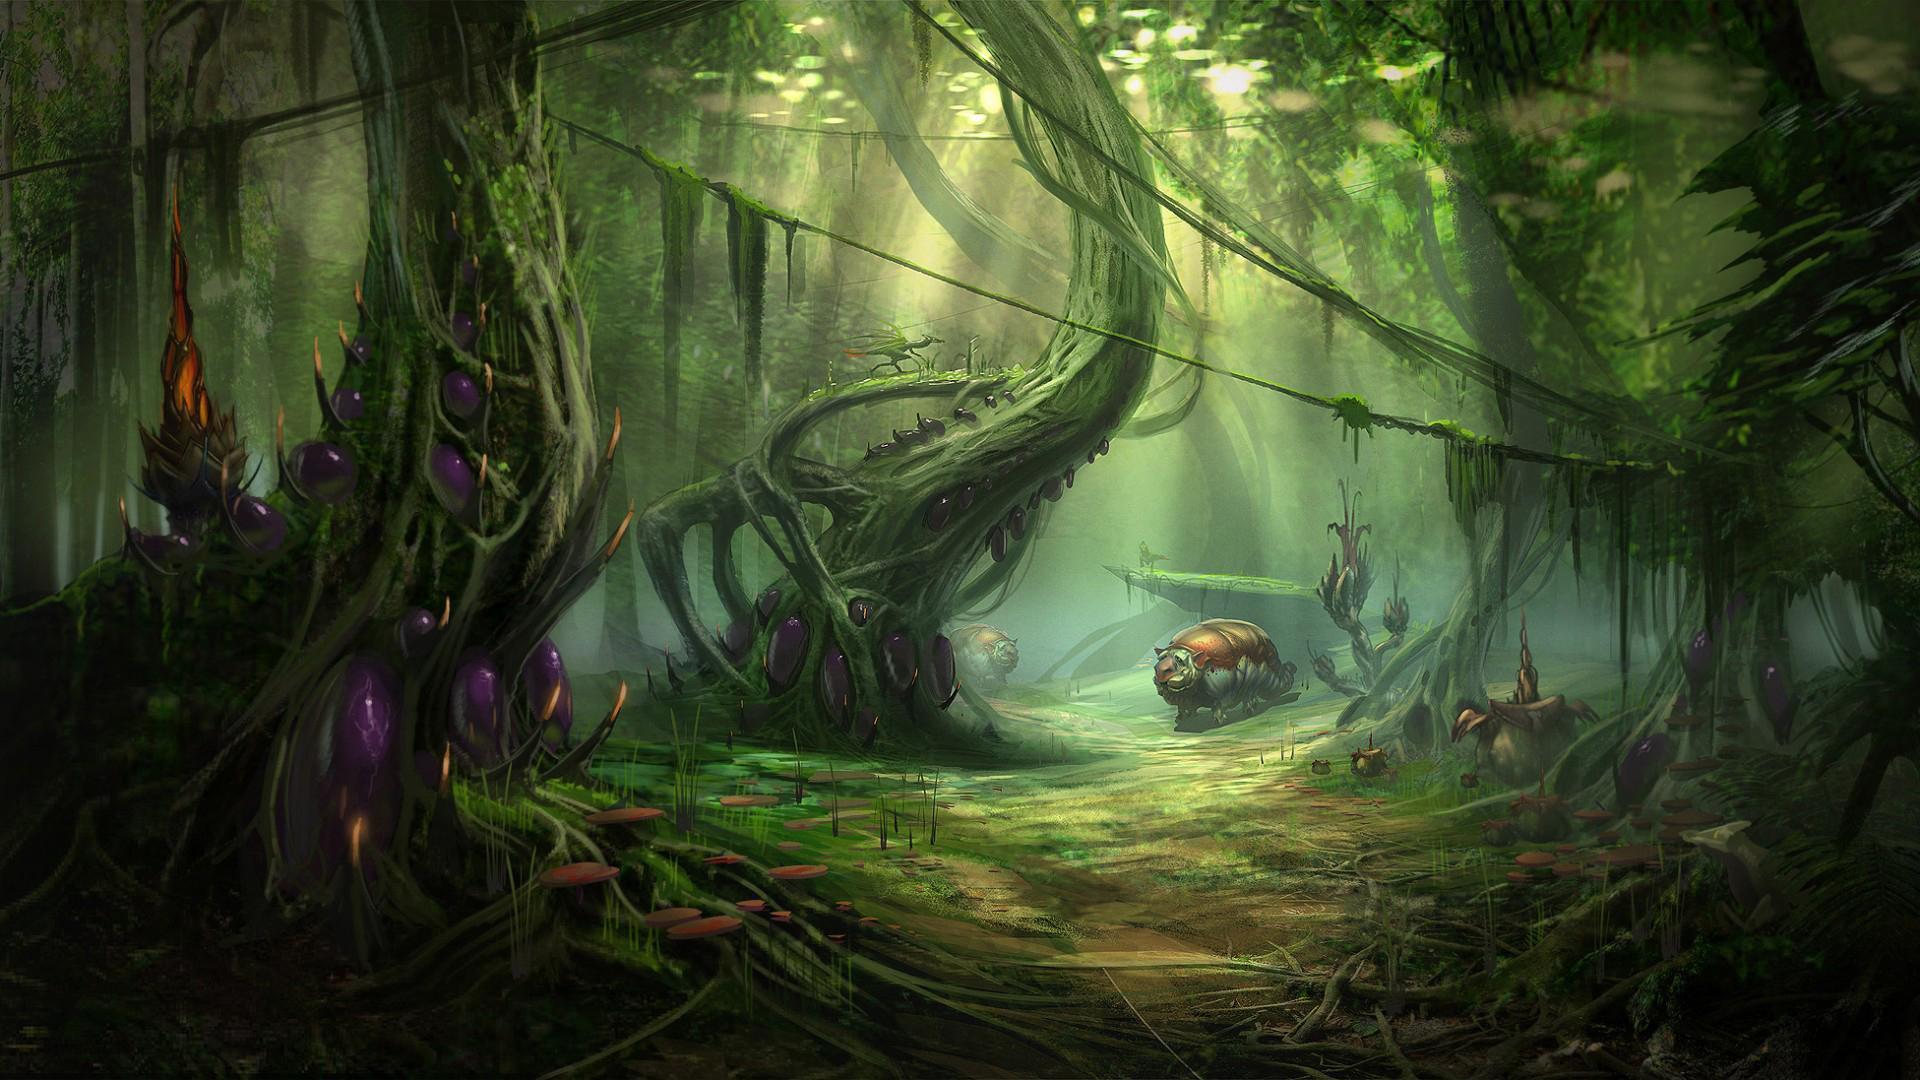 лес картинки фэнтези